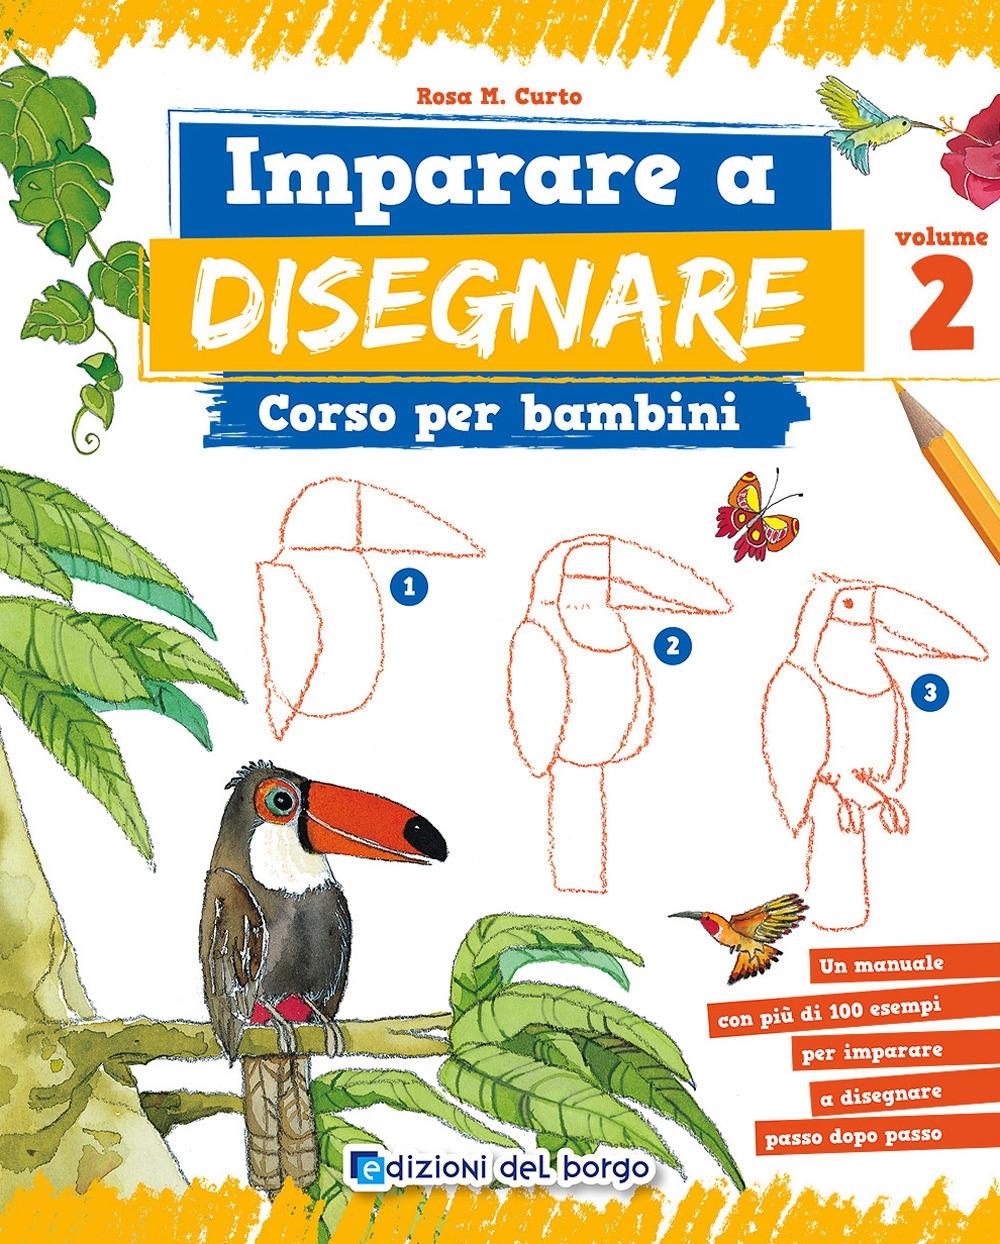 Imparare a disegnare. Corso per bambini. Vol. 2.